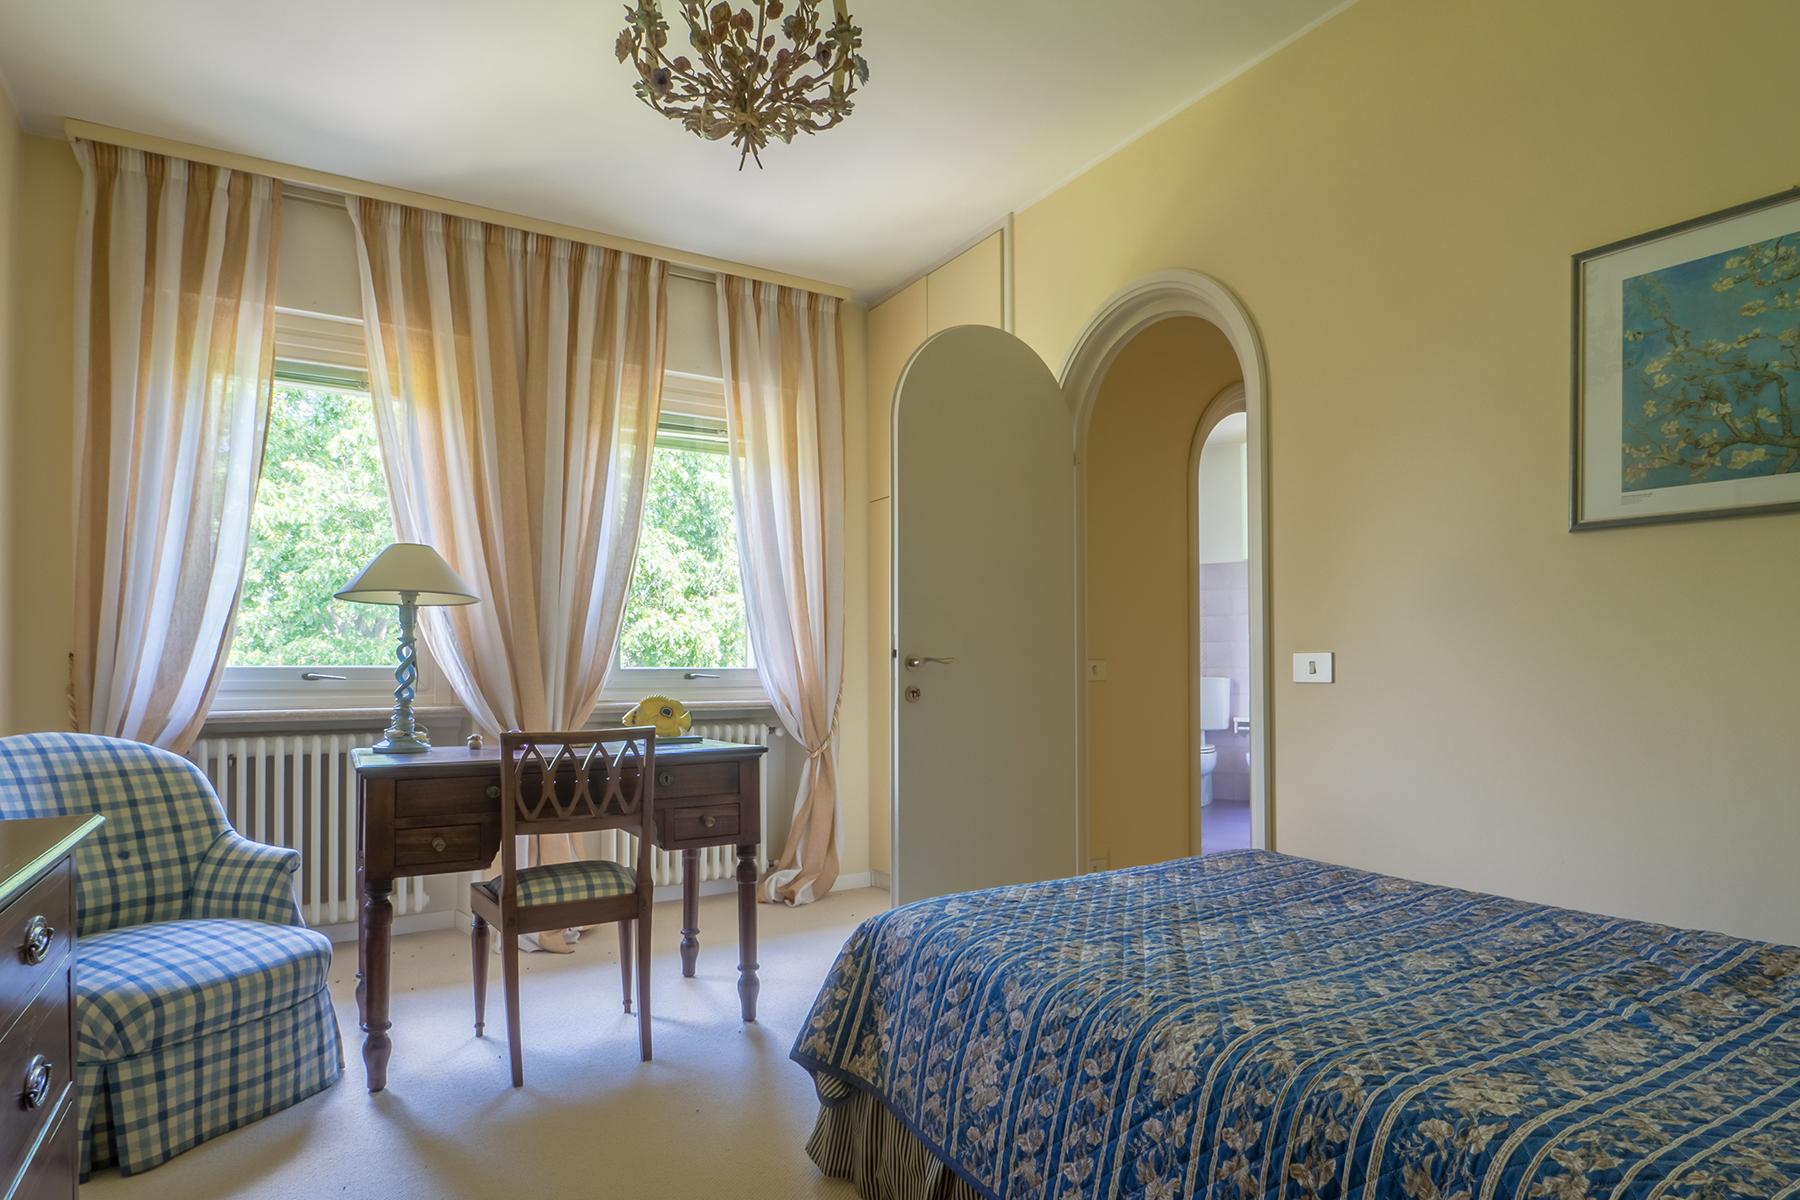 Appartamento in Vendita a Biella: 4 locali, 185 mq - Foto 13